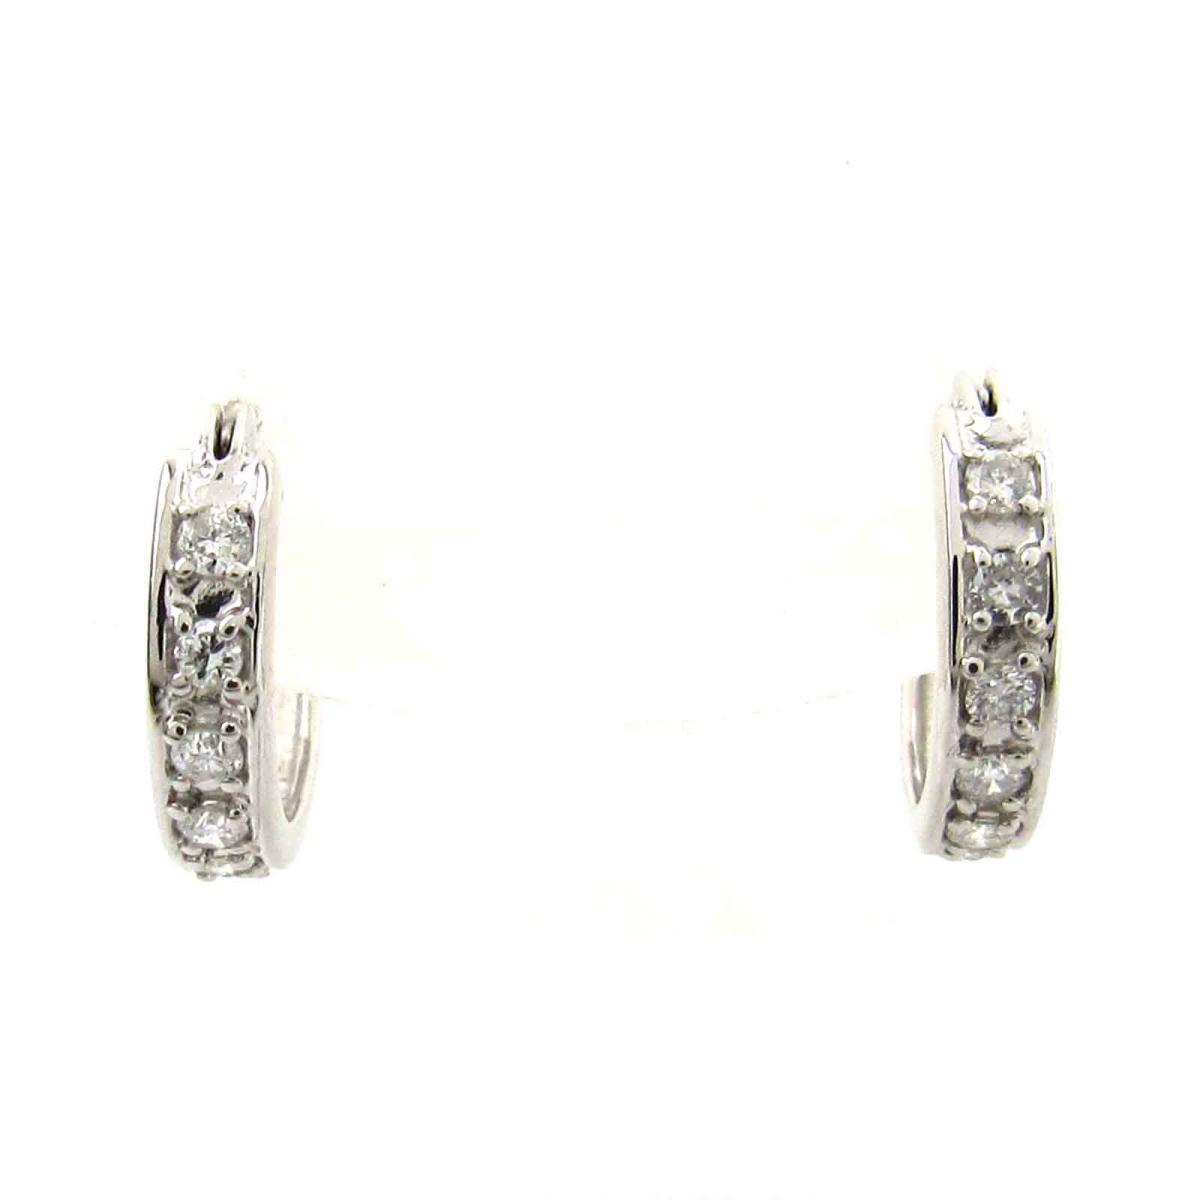 ジュエリー ダイヤモンド ピアス レディース PT900 プラチナ x ダイヤモンド0.15ct 2 | JEWELRY BRANDOFF ブランドオフ ブランド アクセサリー